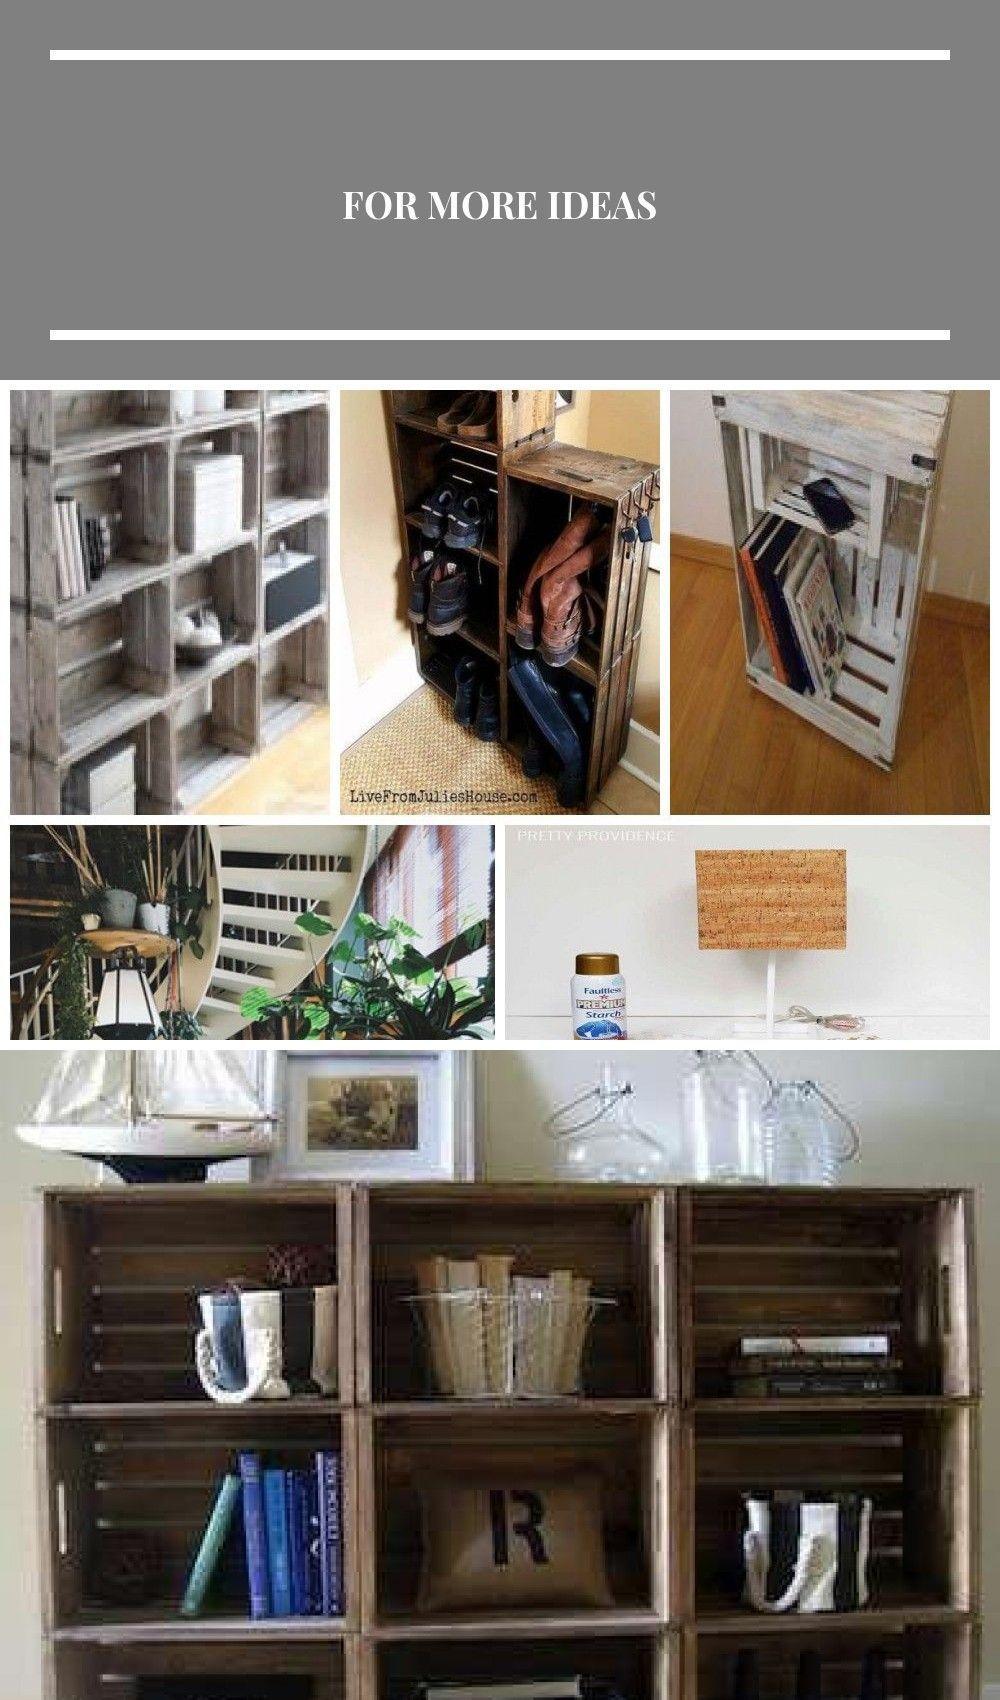 16 Ideen Spielzeug Organisation Ideen für Wohnzimmer Holzkisten